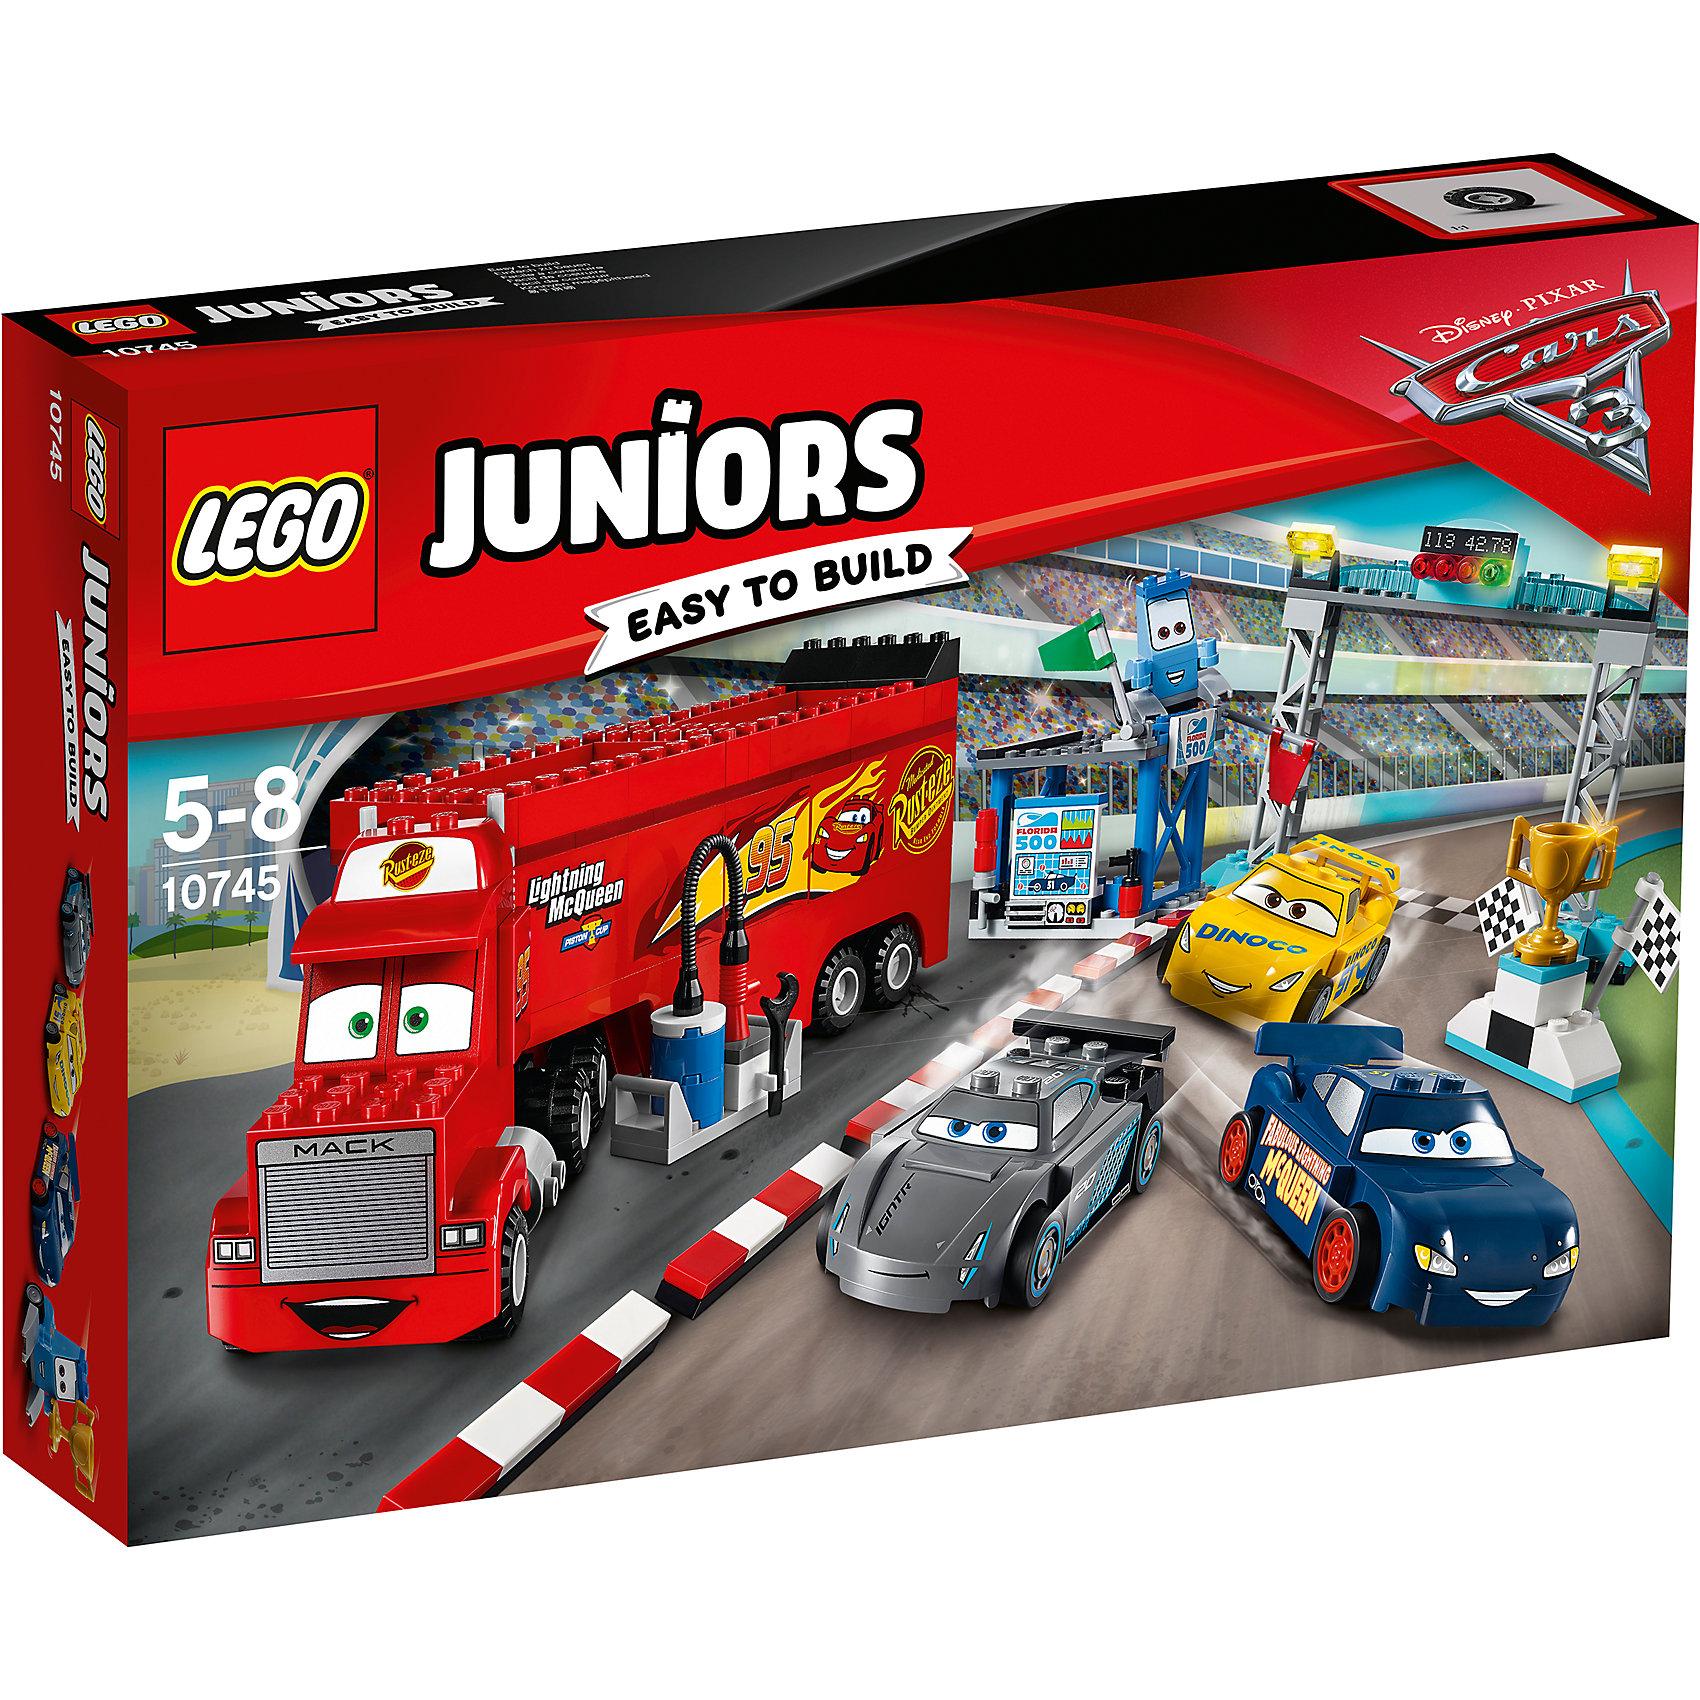 LEGO Juniors 10745: Финальная гонка «Флорида 500»Пластмассовые конструкторы<br><br><br>Ширина мм: 382<br>Глубина мм: 264<br>Высота мм: 78<br>Вес г: 728<br>Возраст от месяцев: 60<br>Возраст до месяцев: 96<br>Пол: Мужской<br>Возраст: Детский<br>SKU: 5620057